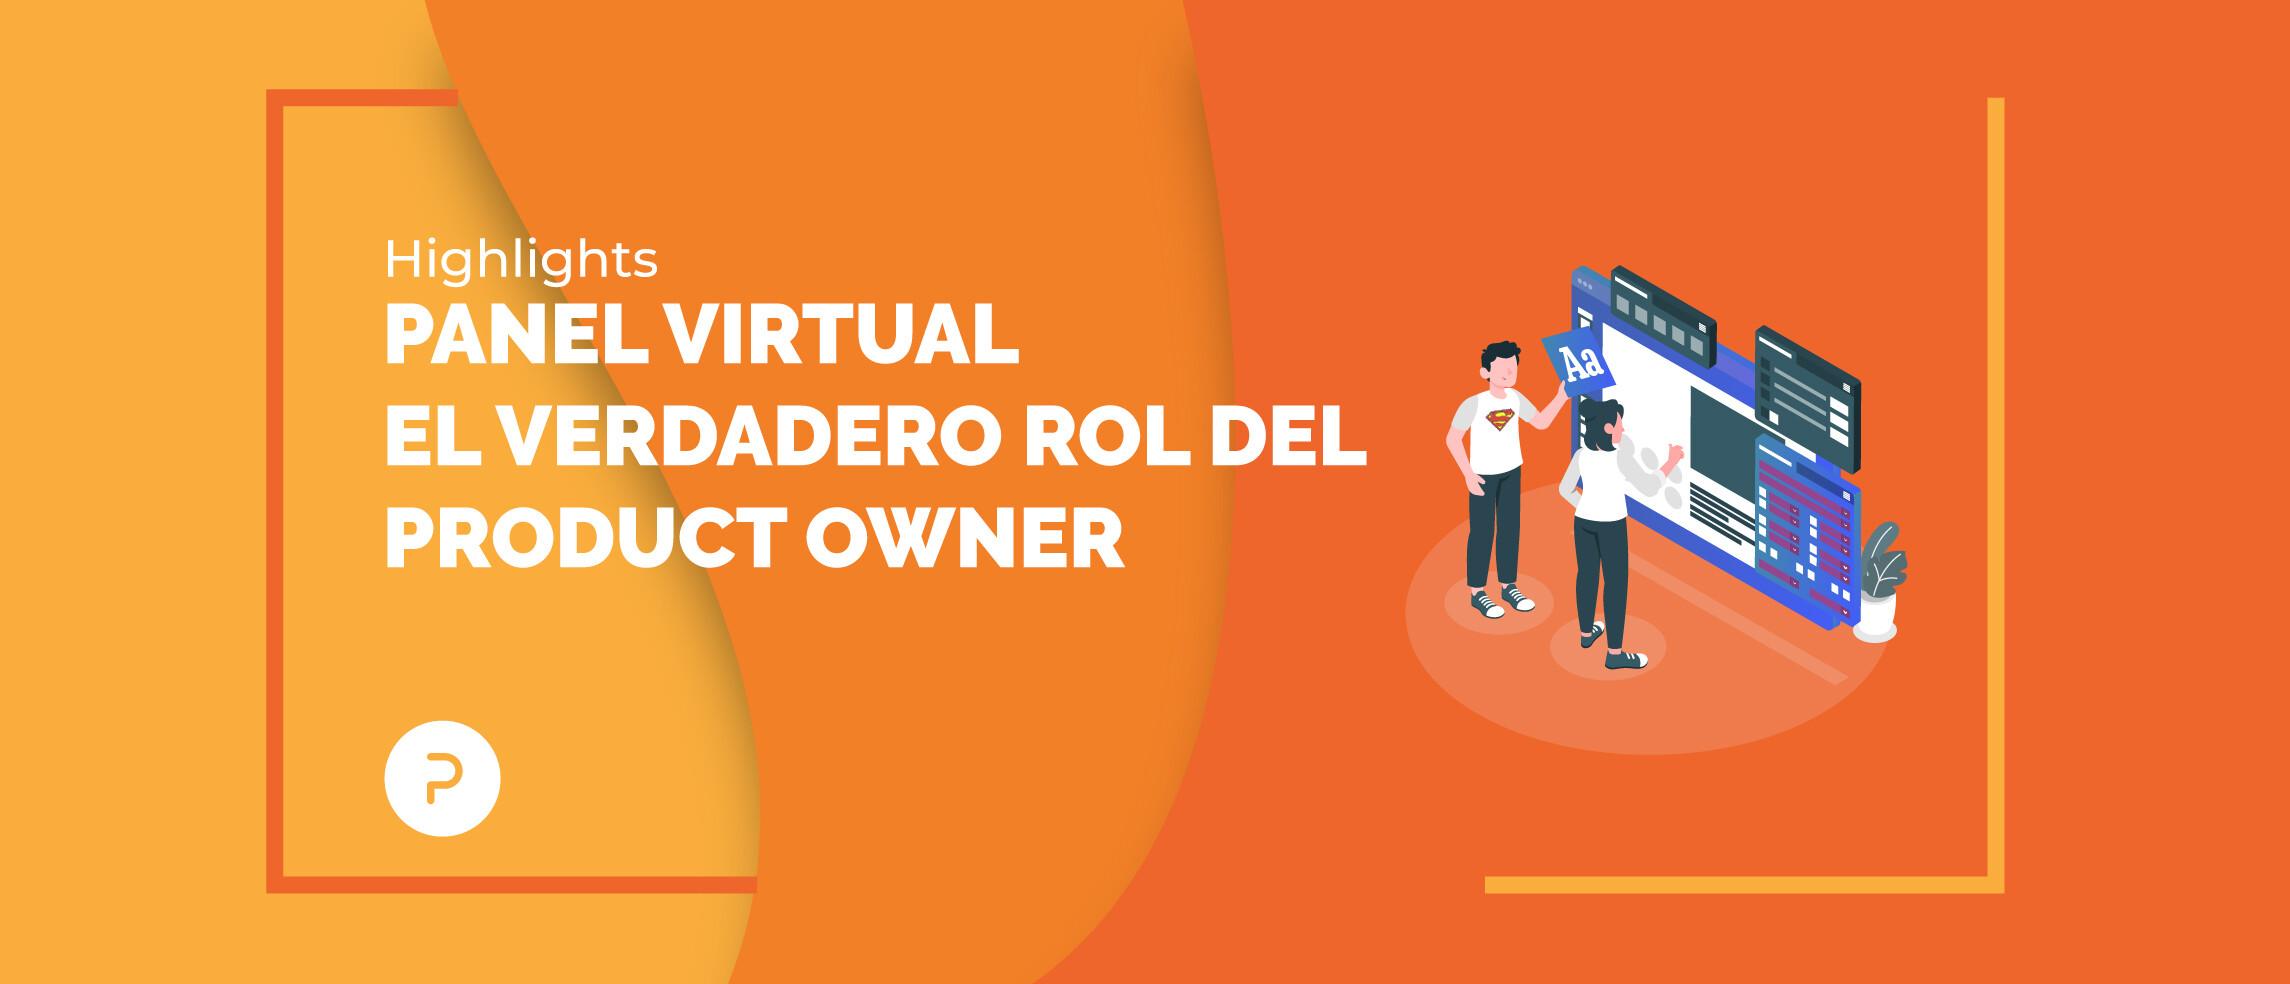 Lo más relevante del panel virtual: El verdadero rol del product owner